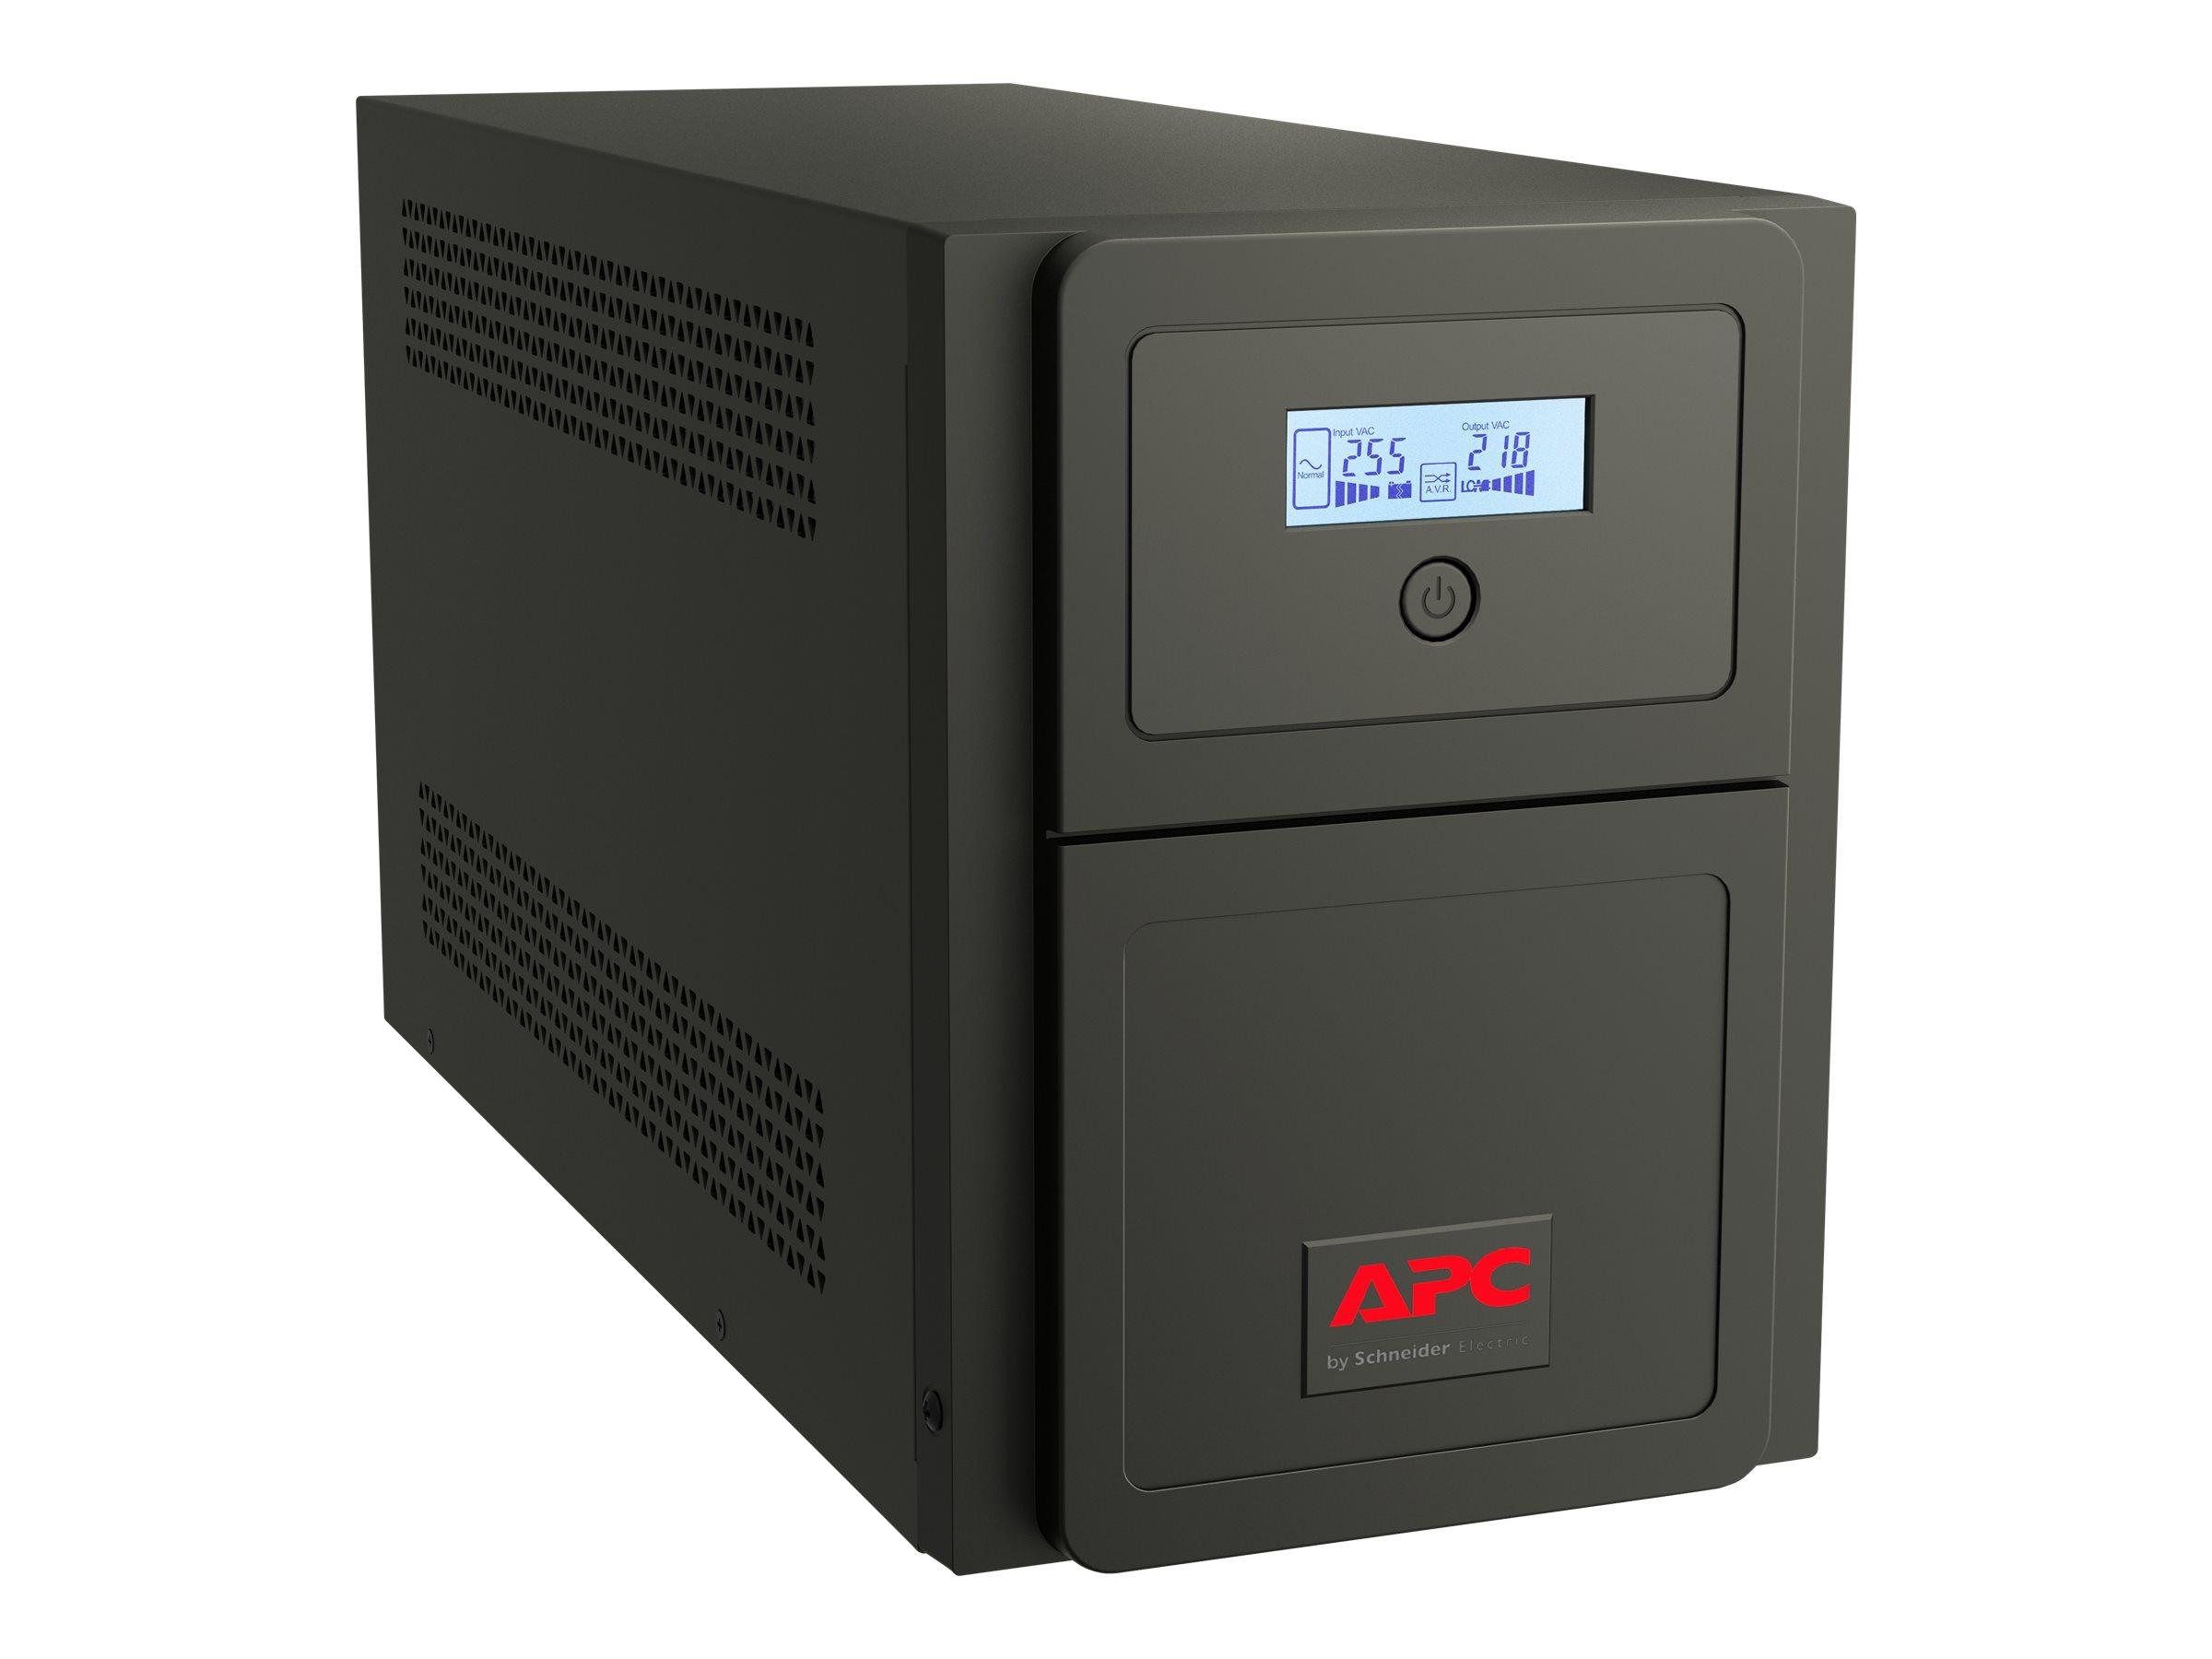 APC Easy-UPS SMV SMV750CAI - USV - Wechselstrom 220/230/240 V - 525 Watt - 750 VA 7 Ah - RS-232, USB